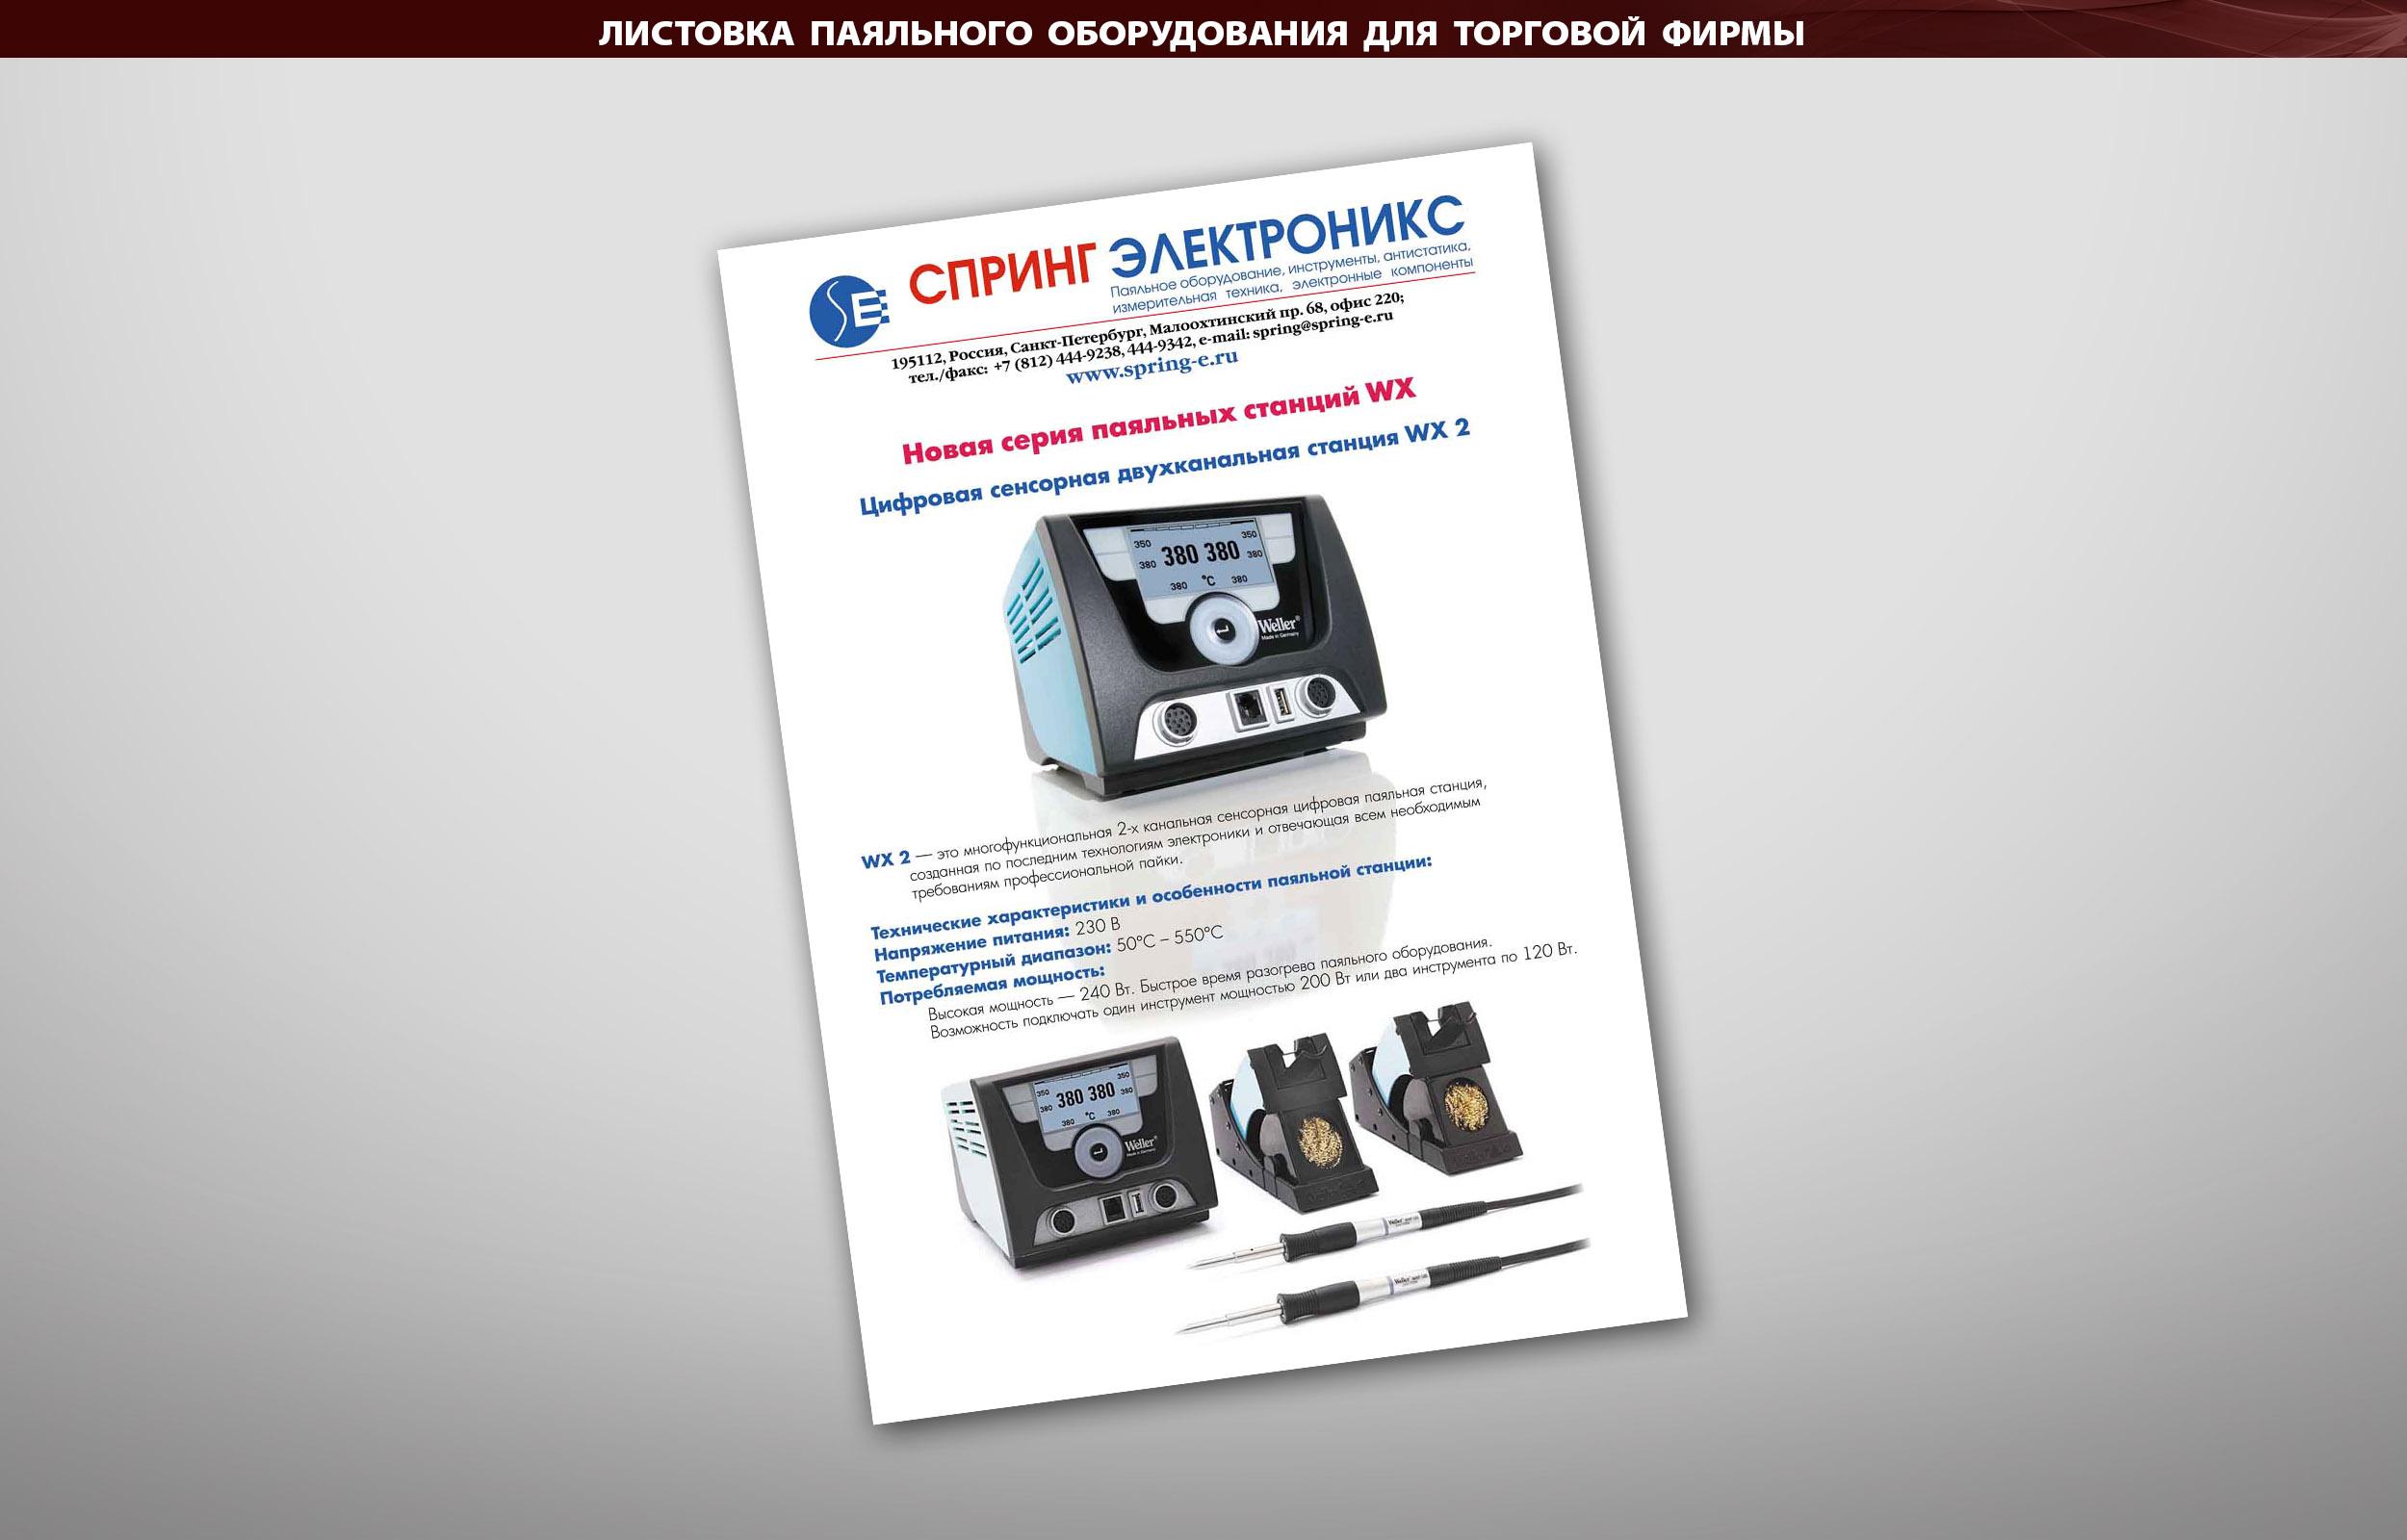 Листовка паяльного оборудования для торговой фирмы